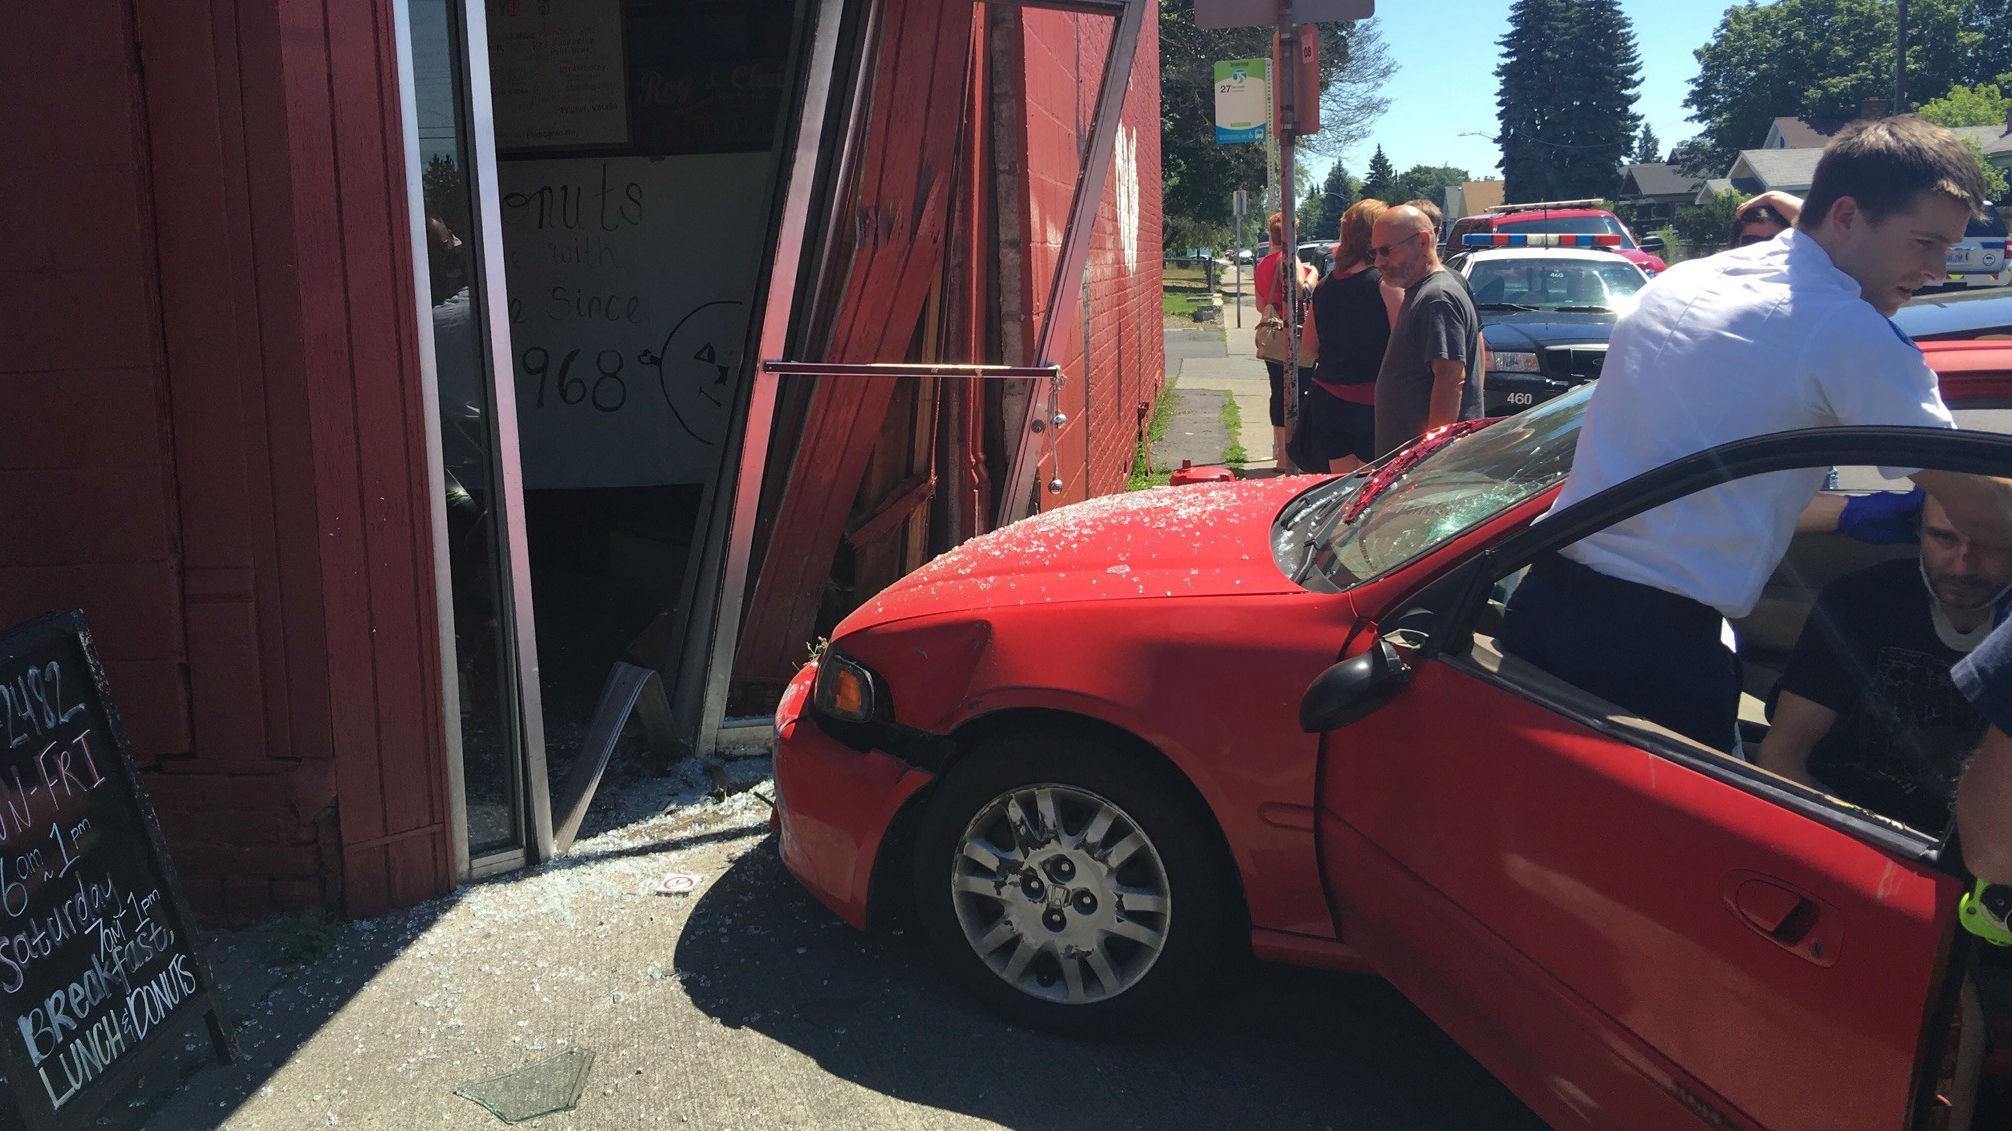 A car crashed into The Donut Parade Tuesday morning (PHOTOS: Alexandria Bown)